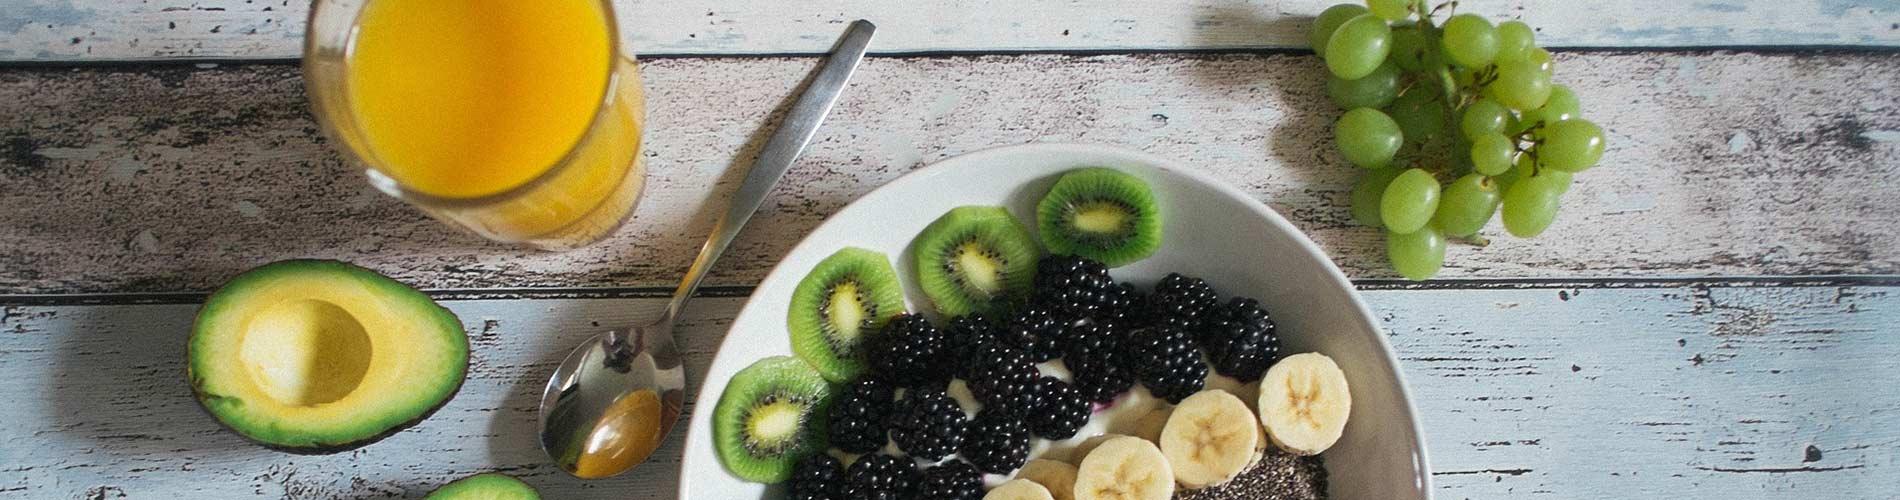 Gesundes und abwechslungsreiches Frühstück am Arbeitsplatz – Tipps für ernährungsbewusste Mitarbeiter